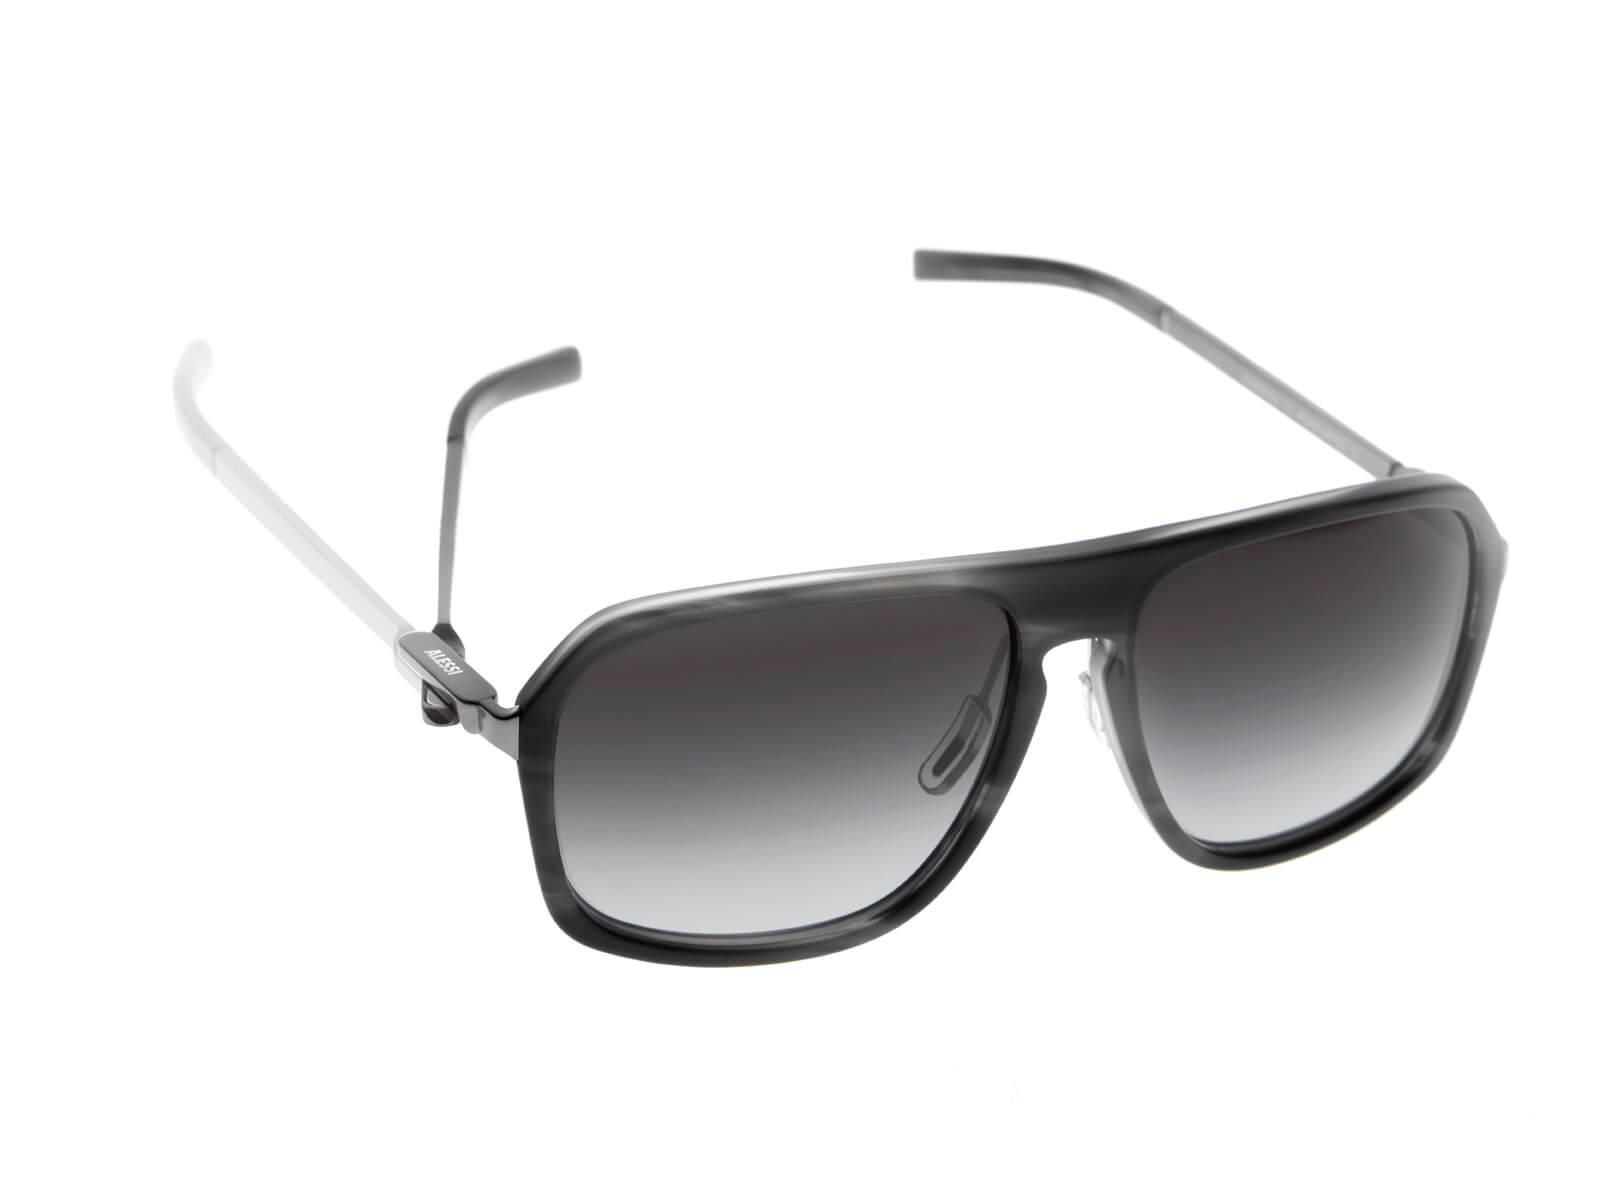 AlessiEyes-Kompas-sunglasses-eyewear-magnetic-hinge-05.jpg